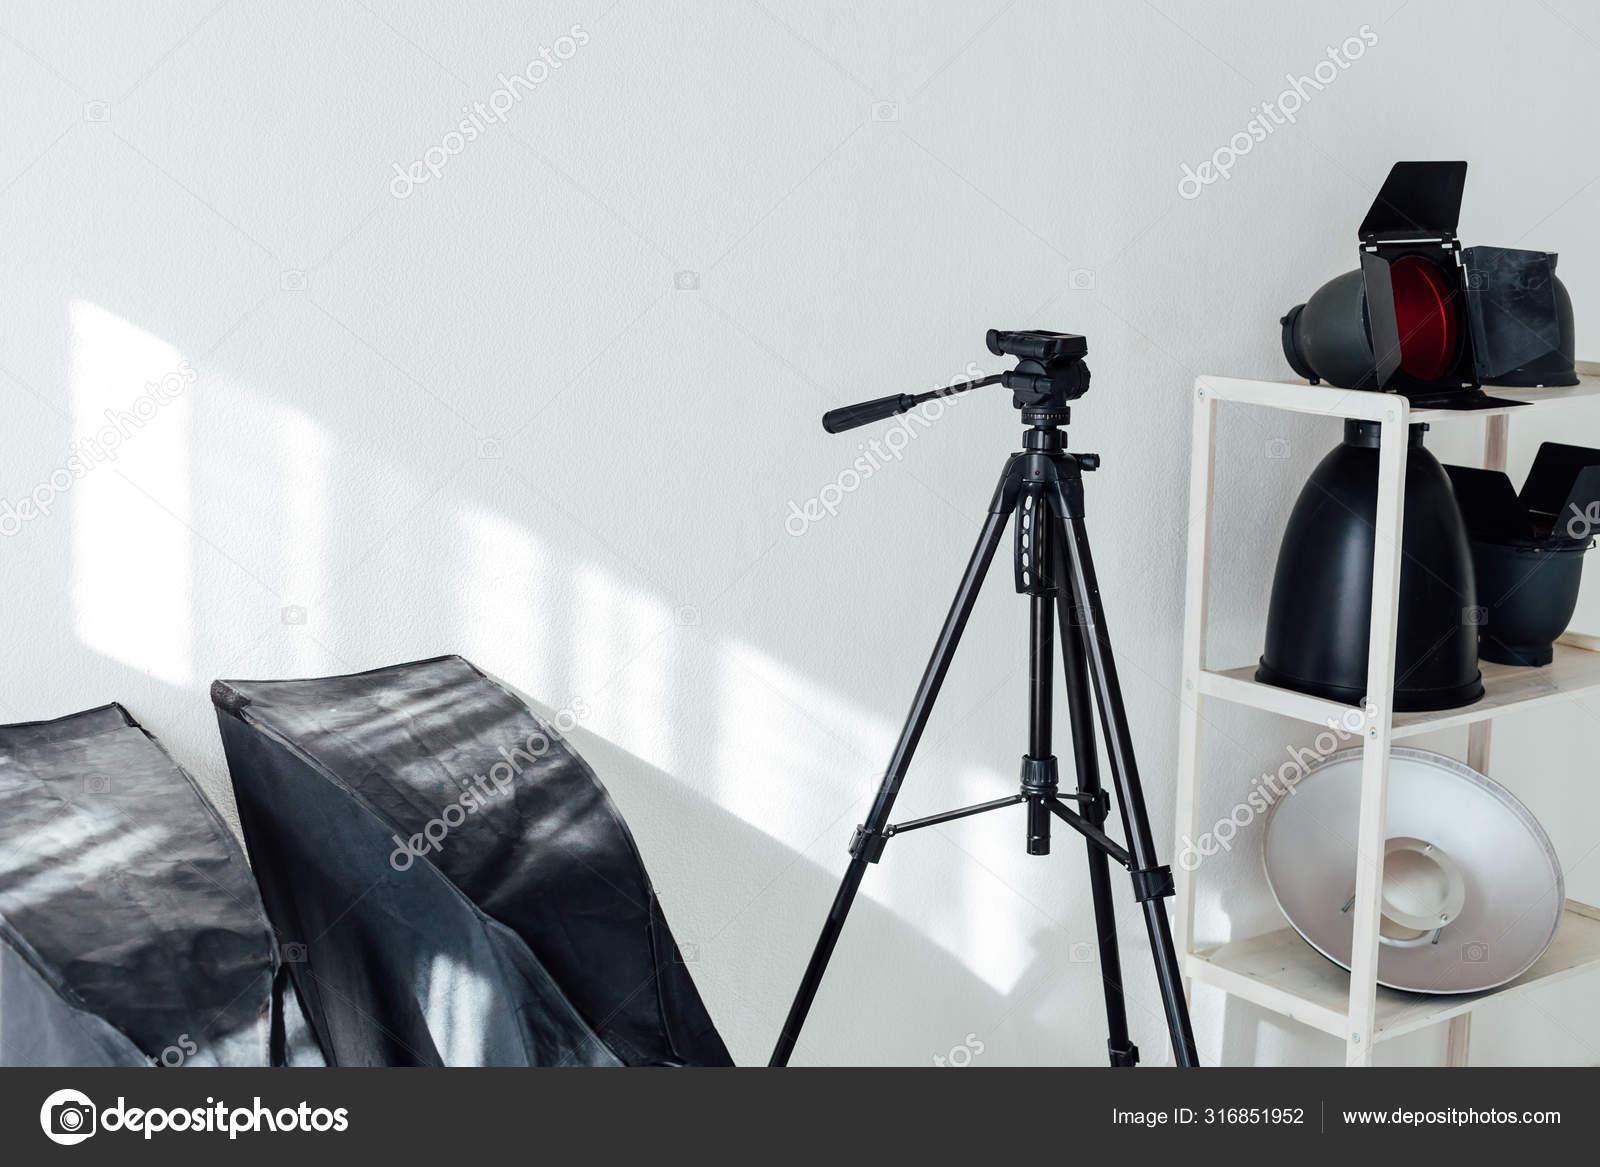 украшения свет для стоковой фотографии тазобедренного сустава это